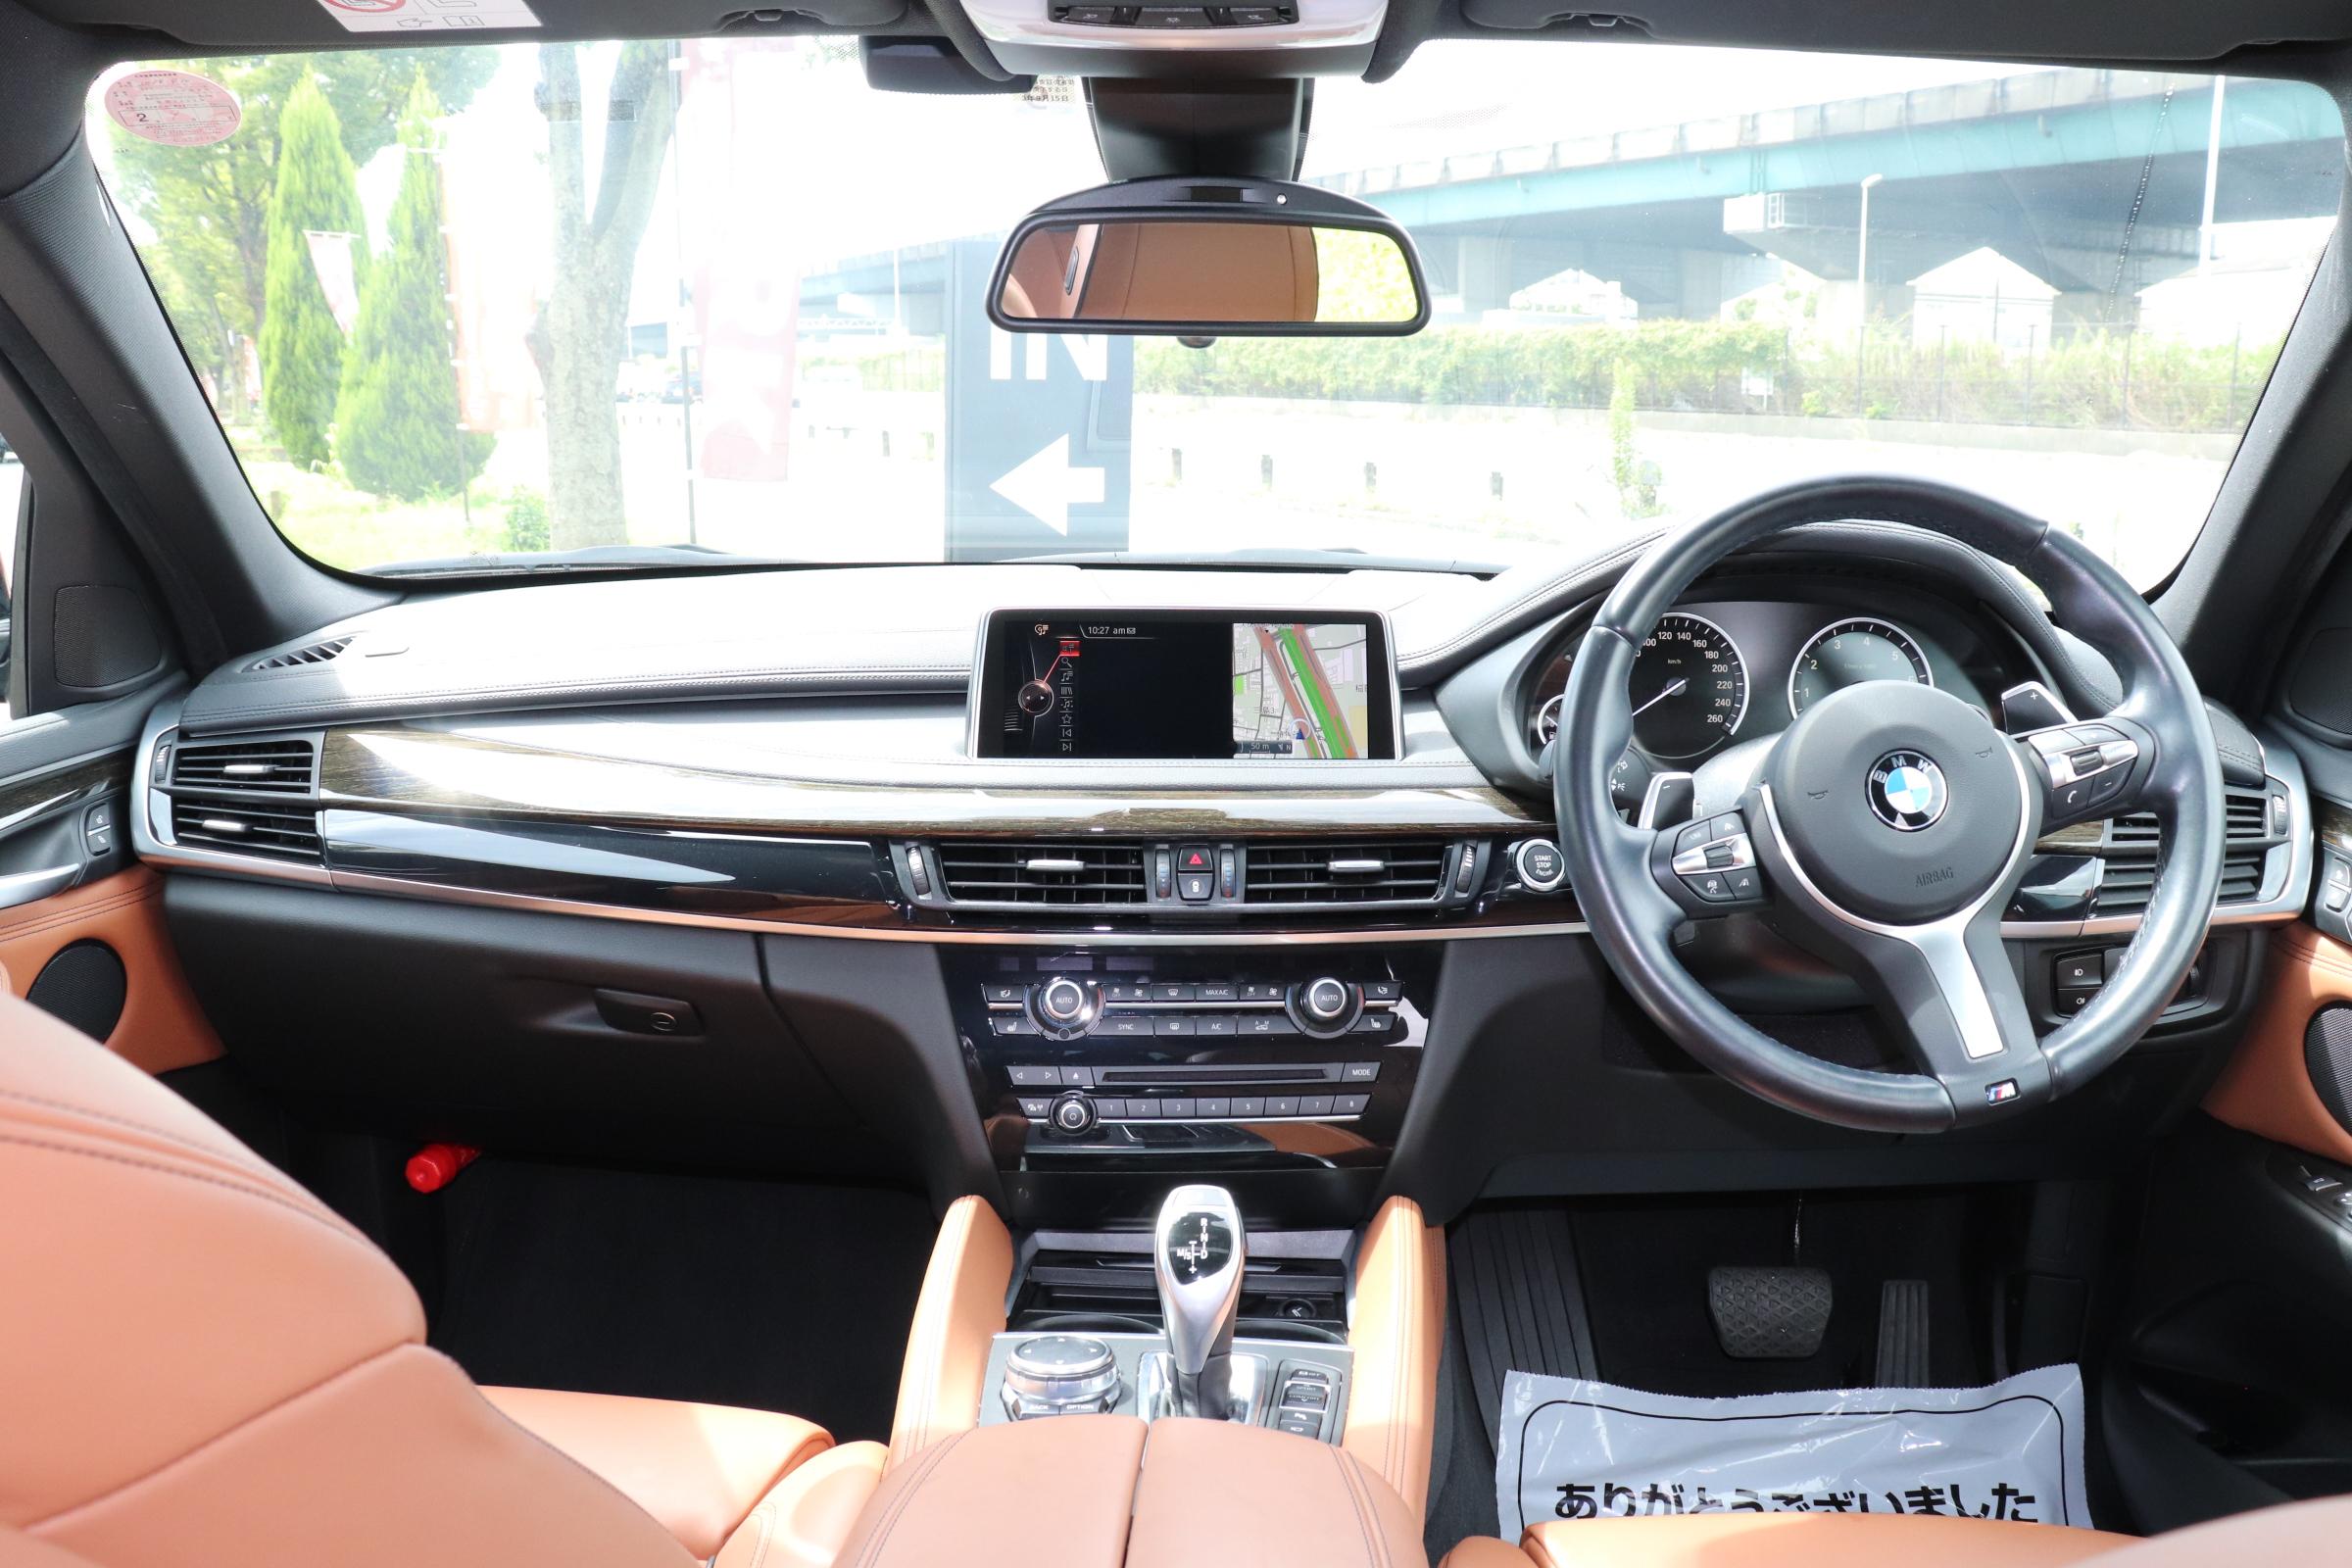 X6 xDrive 35i Mスポーツ セレクトパッケージ ブラウンレザー ACC LEDライト ワンオーナー車両画像10